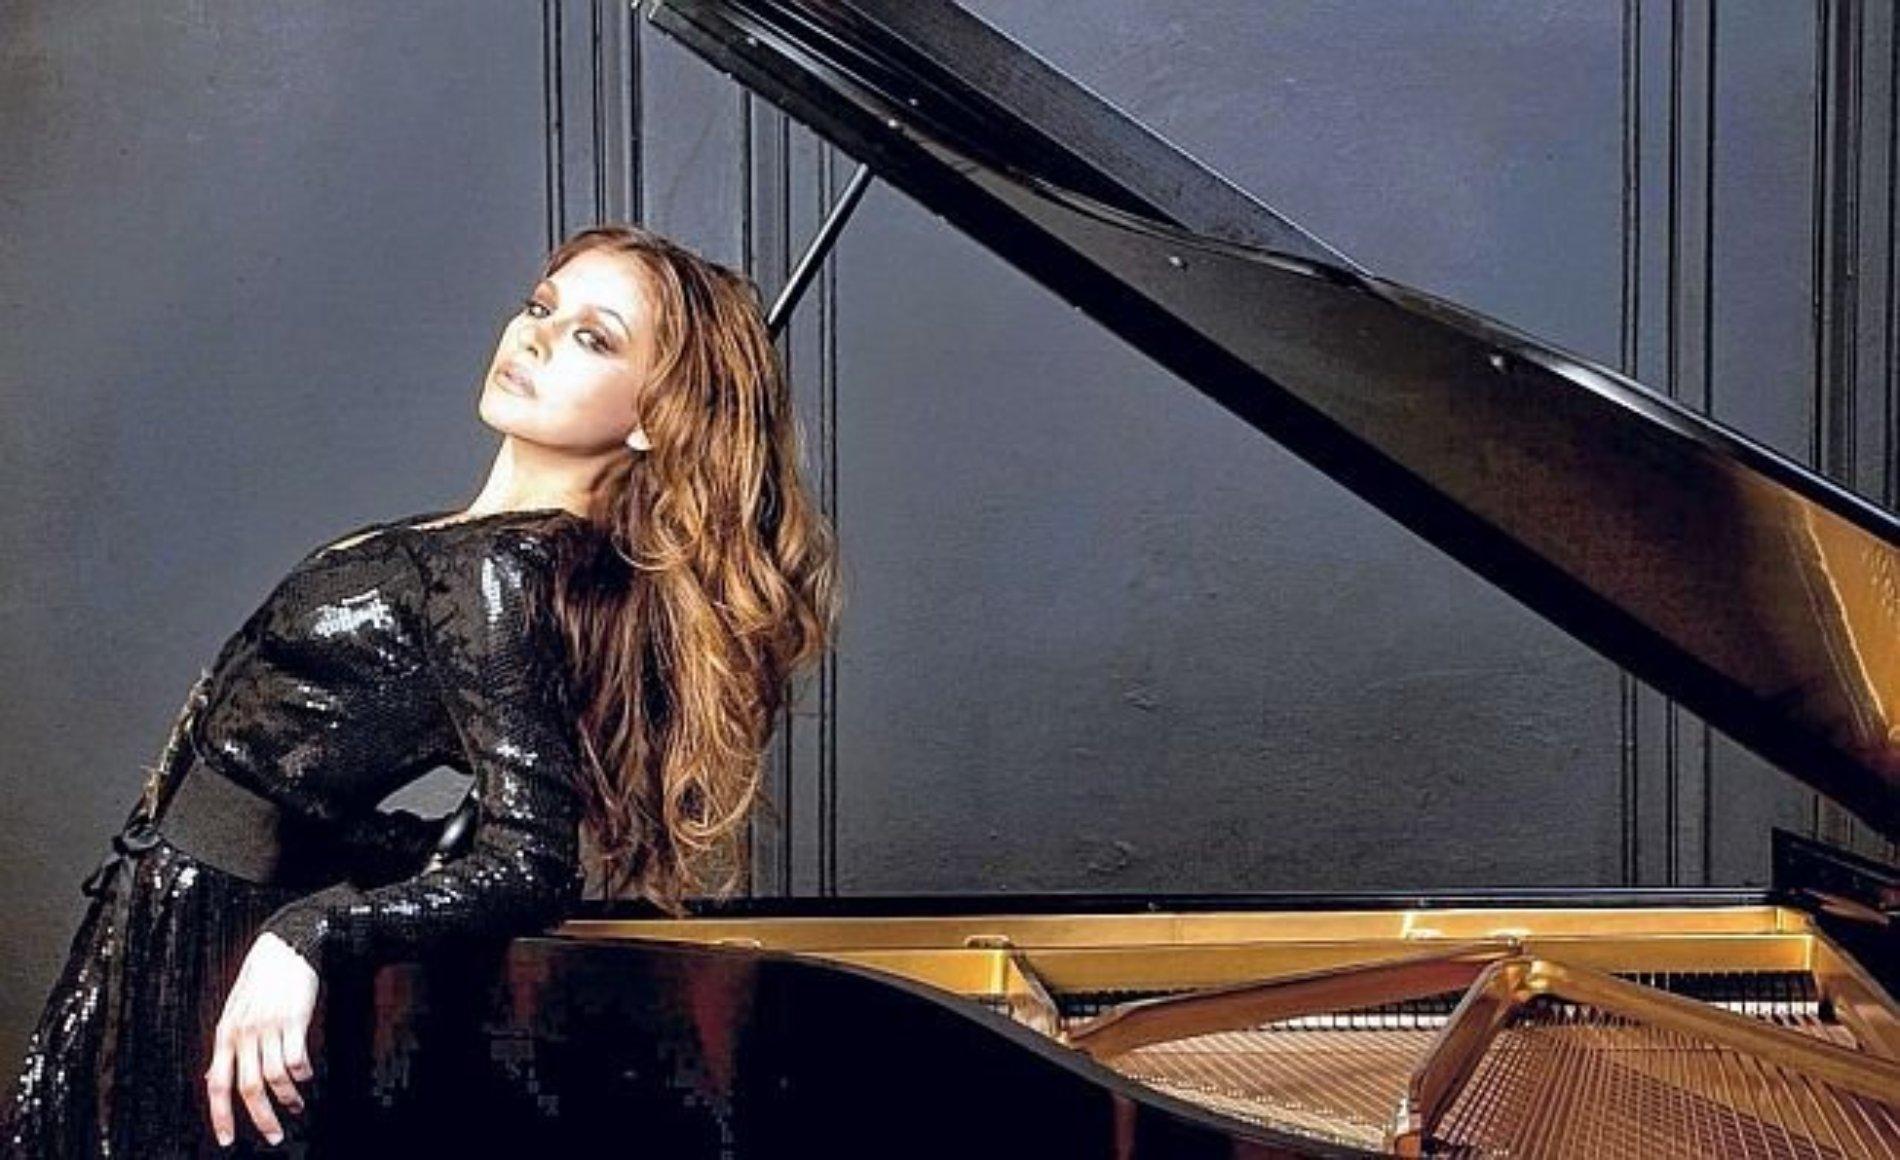 Lola astanova, una auténtica belleza y un portento del piano